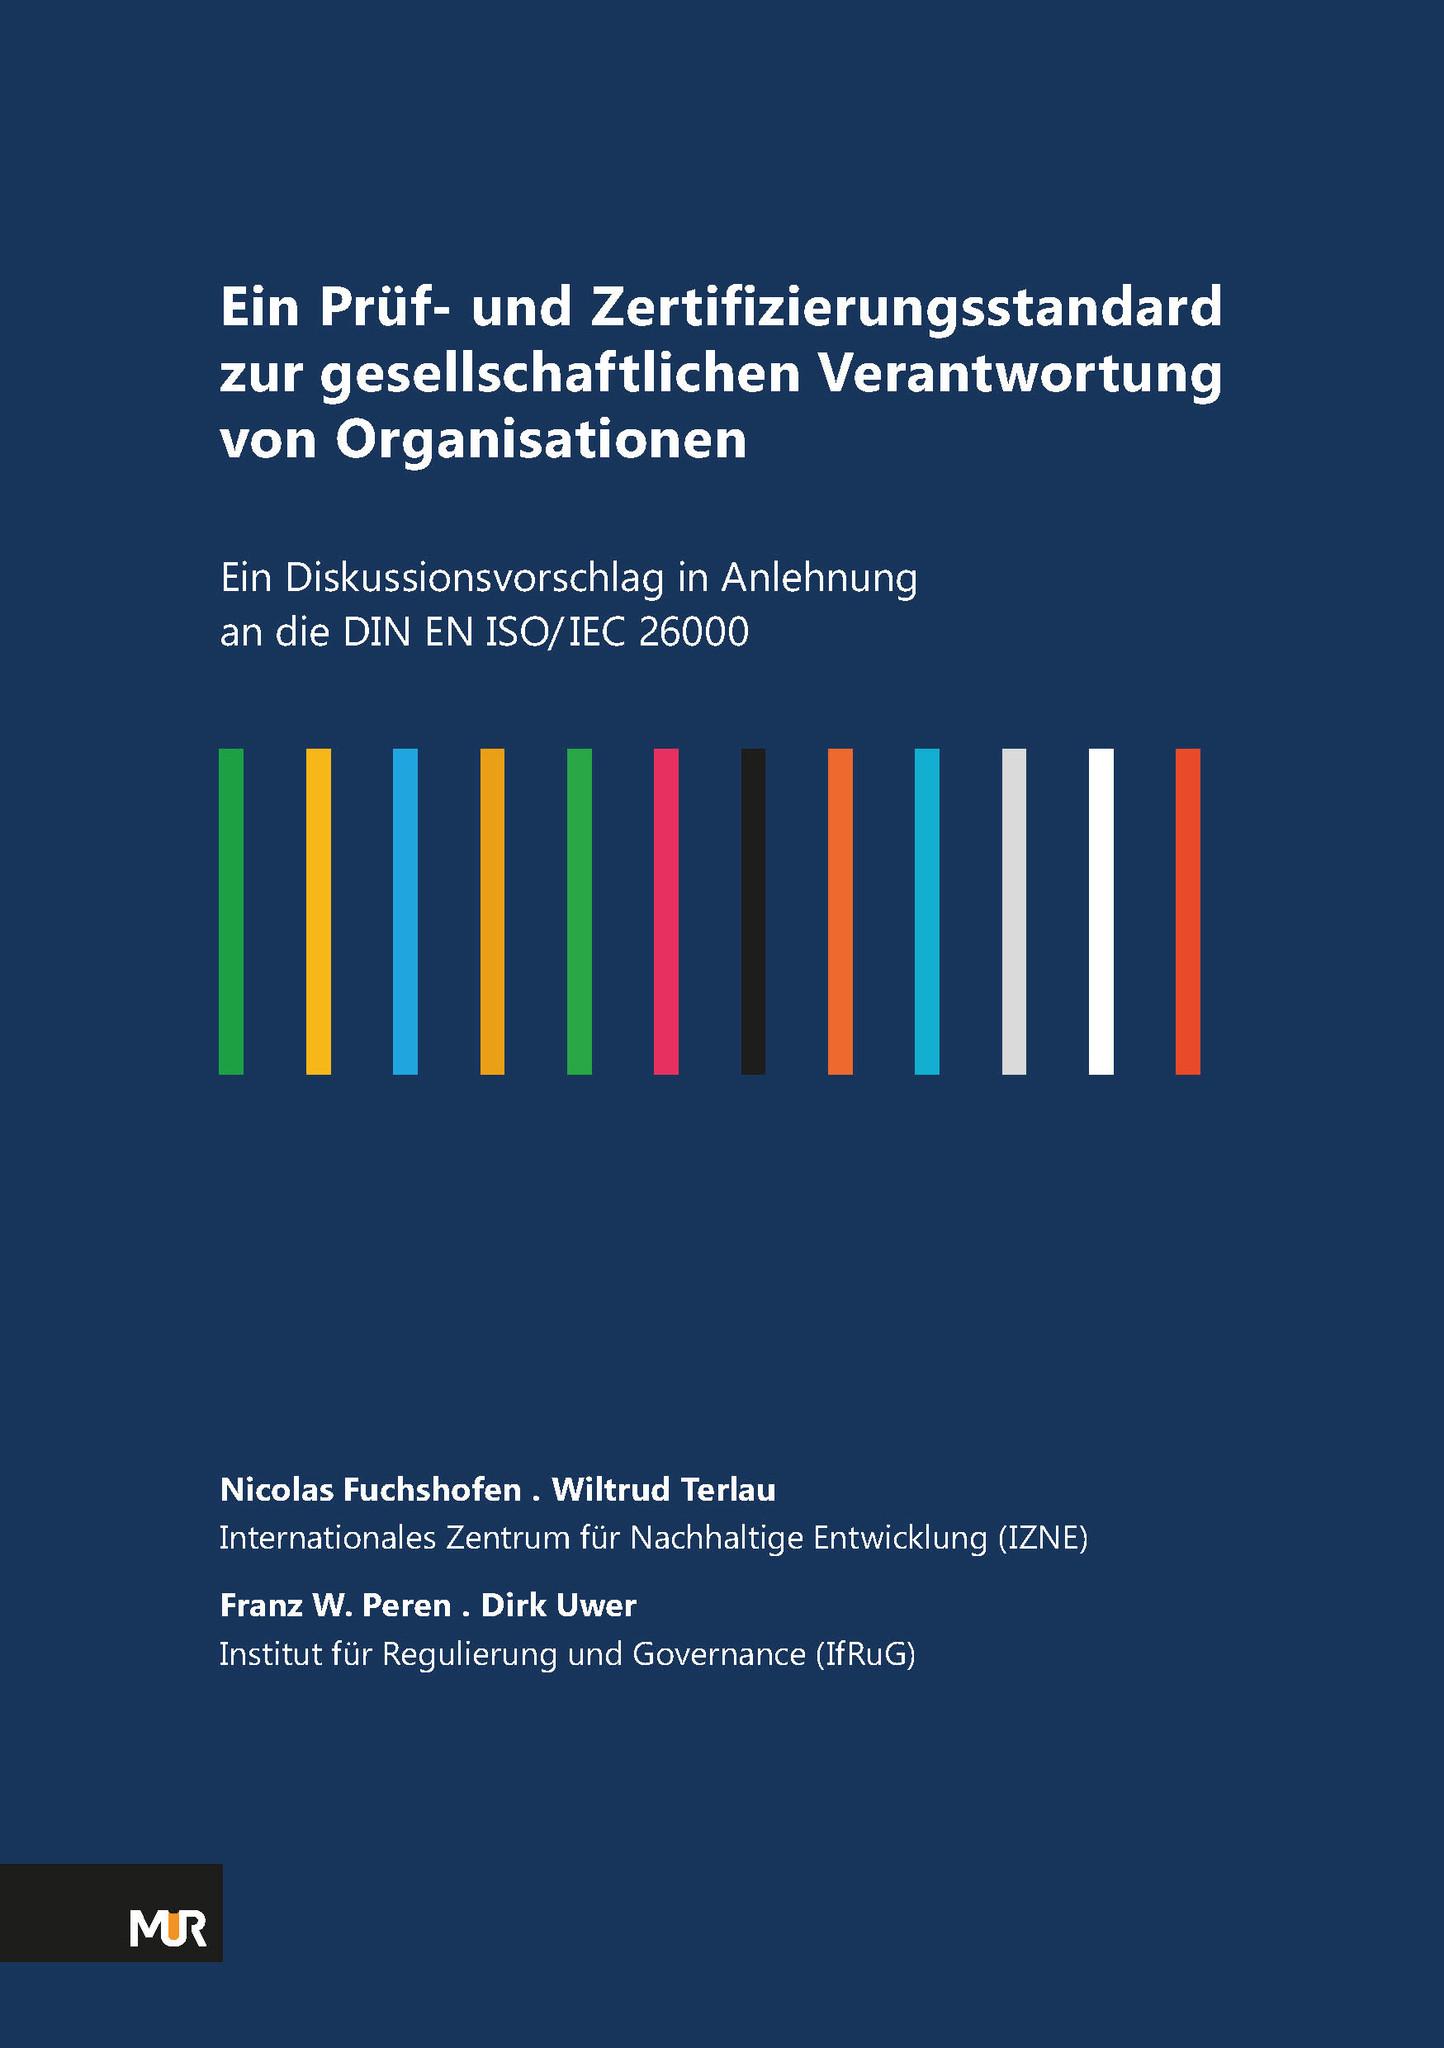 Ein Prüf- und Zertifizierungsstandard zur gesellschaftlichen Verantwortung von Organisationen - Ein Diskussionsvorschlag in Anlehnung an die DIN EN ISO/IEC 26000